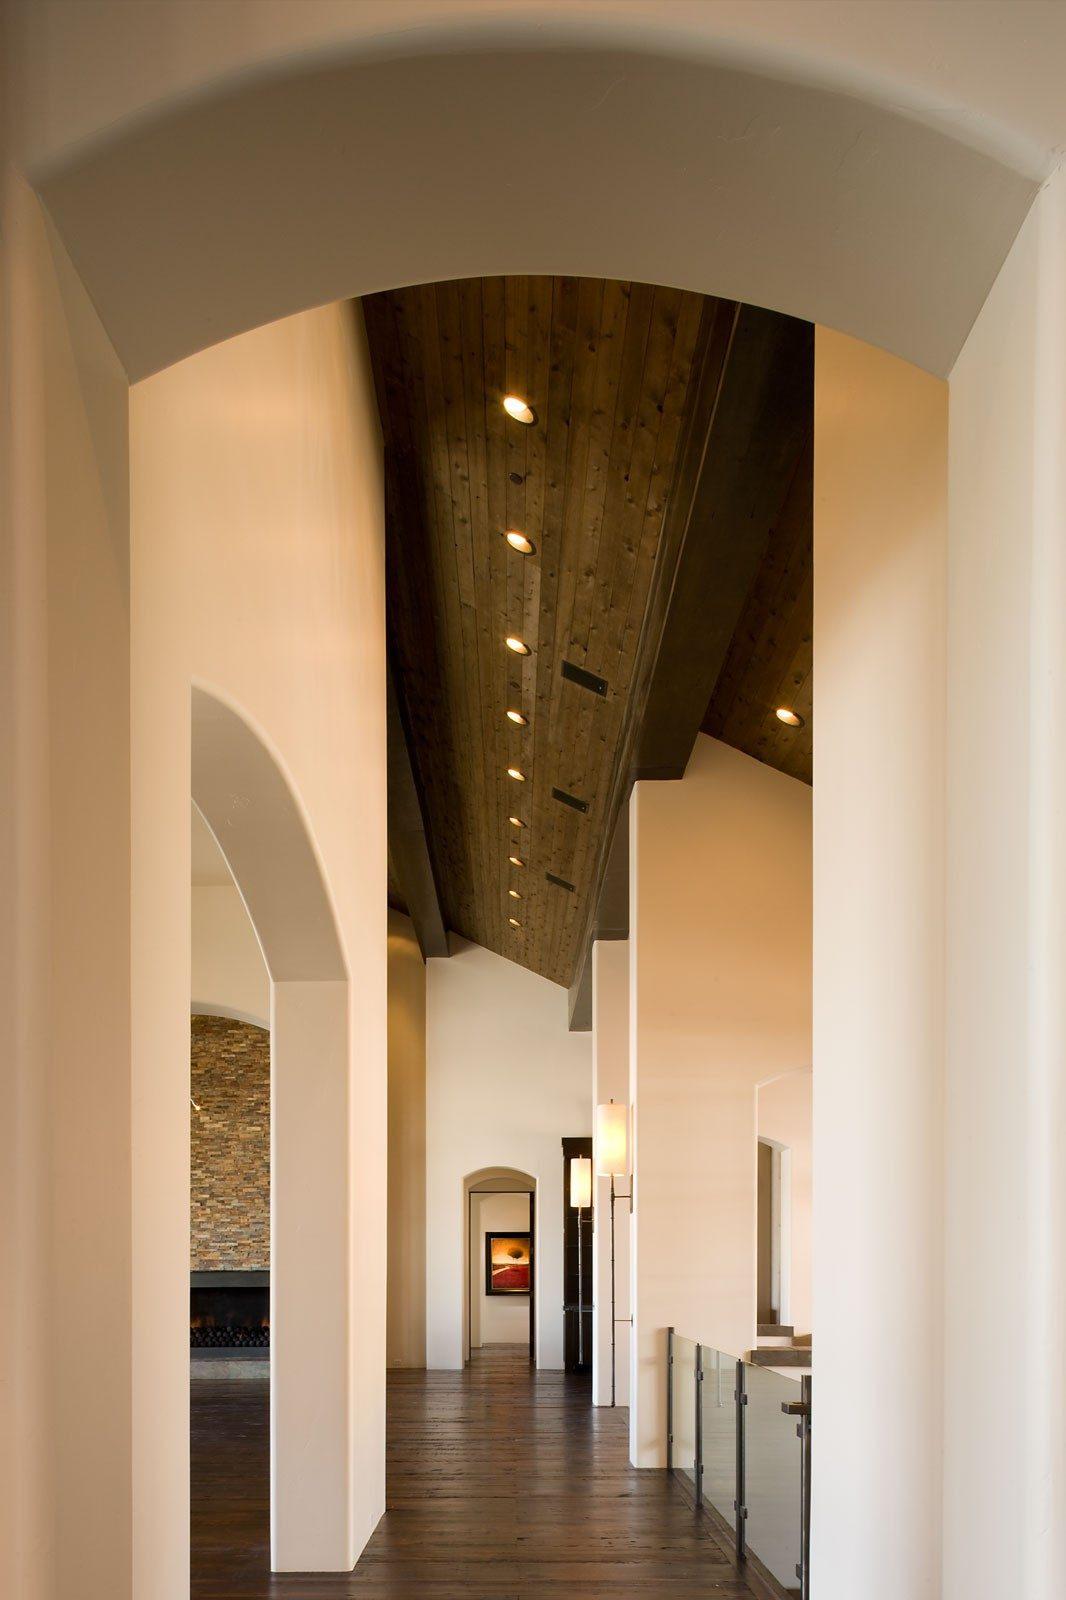 Дизайн коридора с аркой в особняке